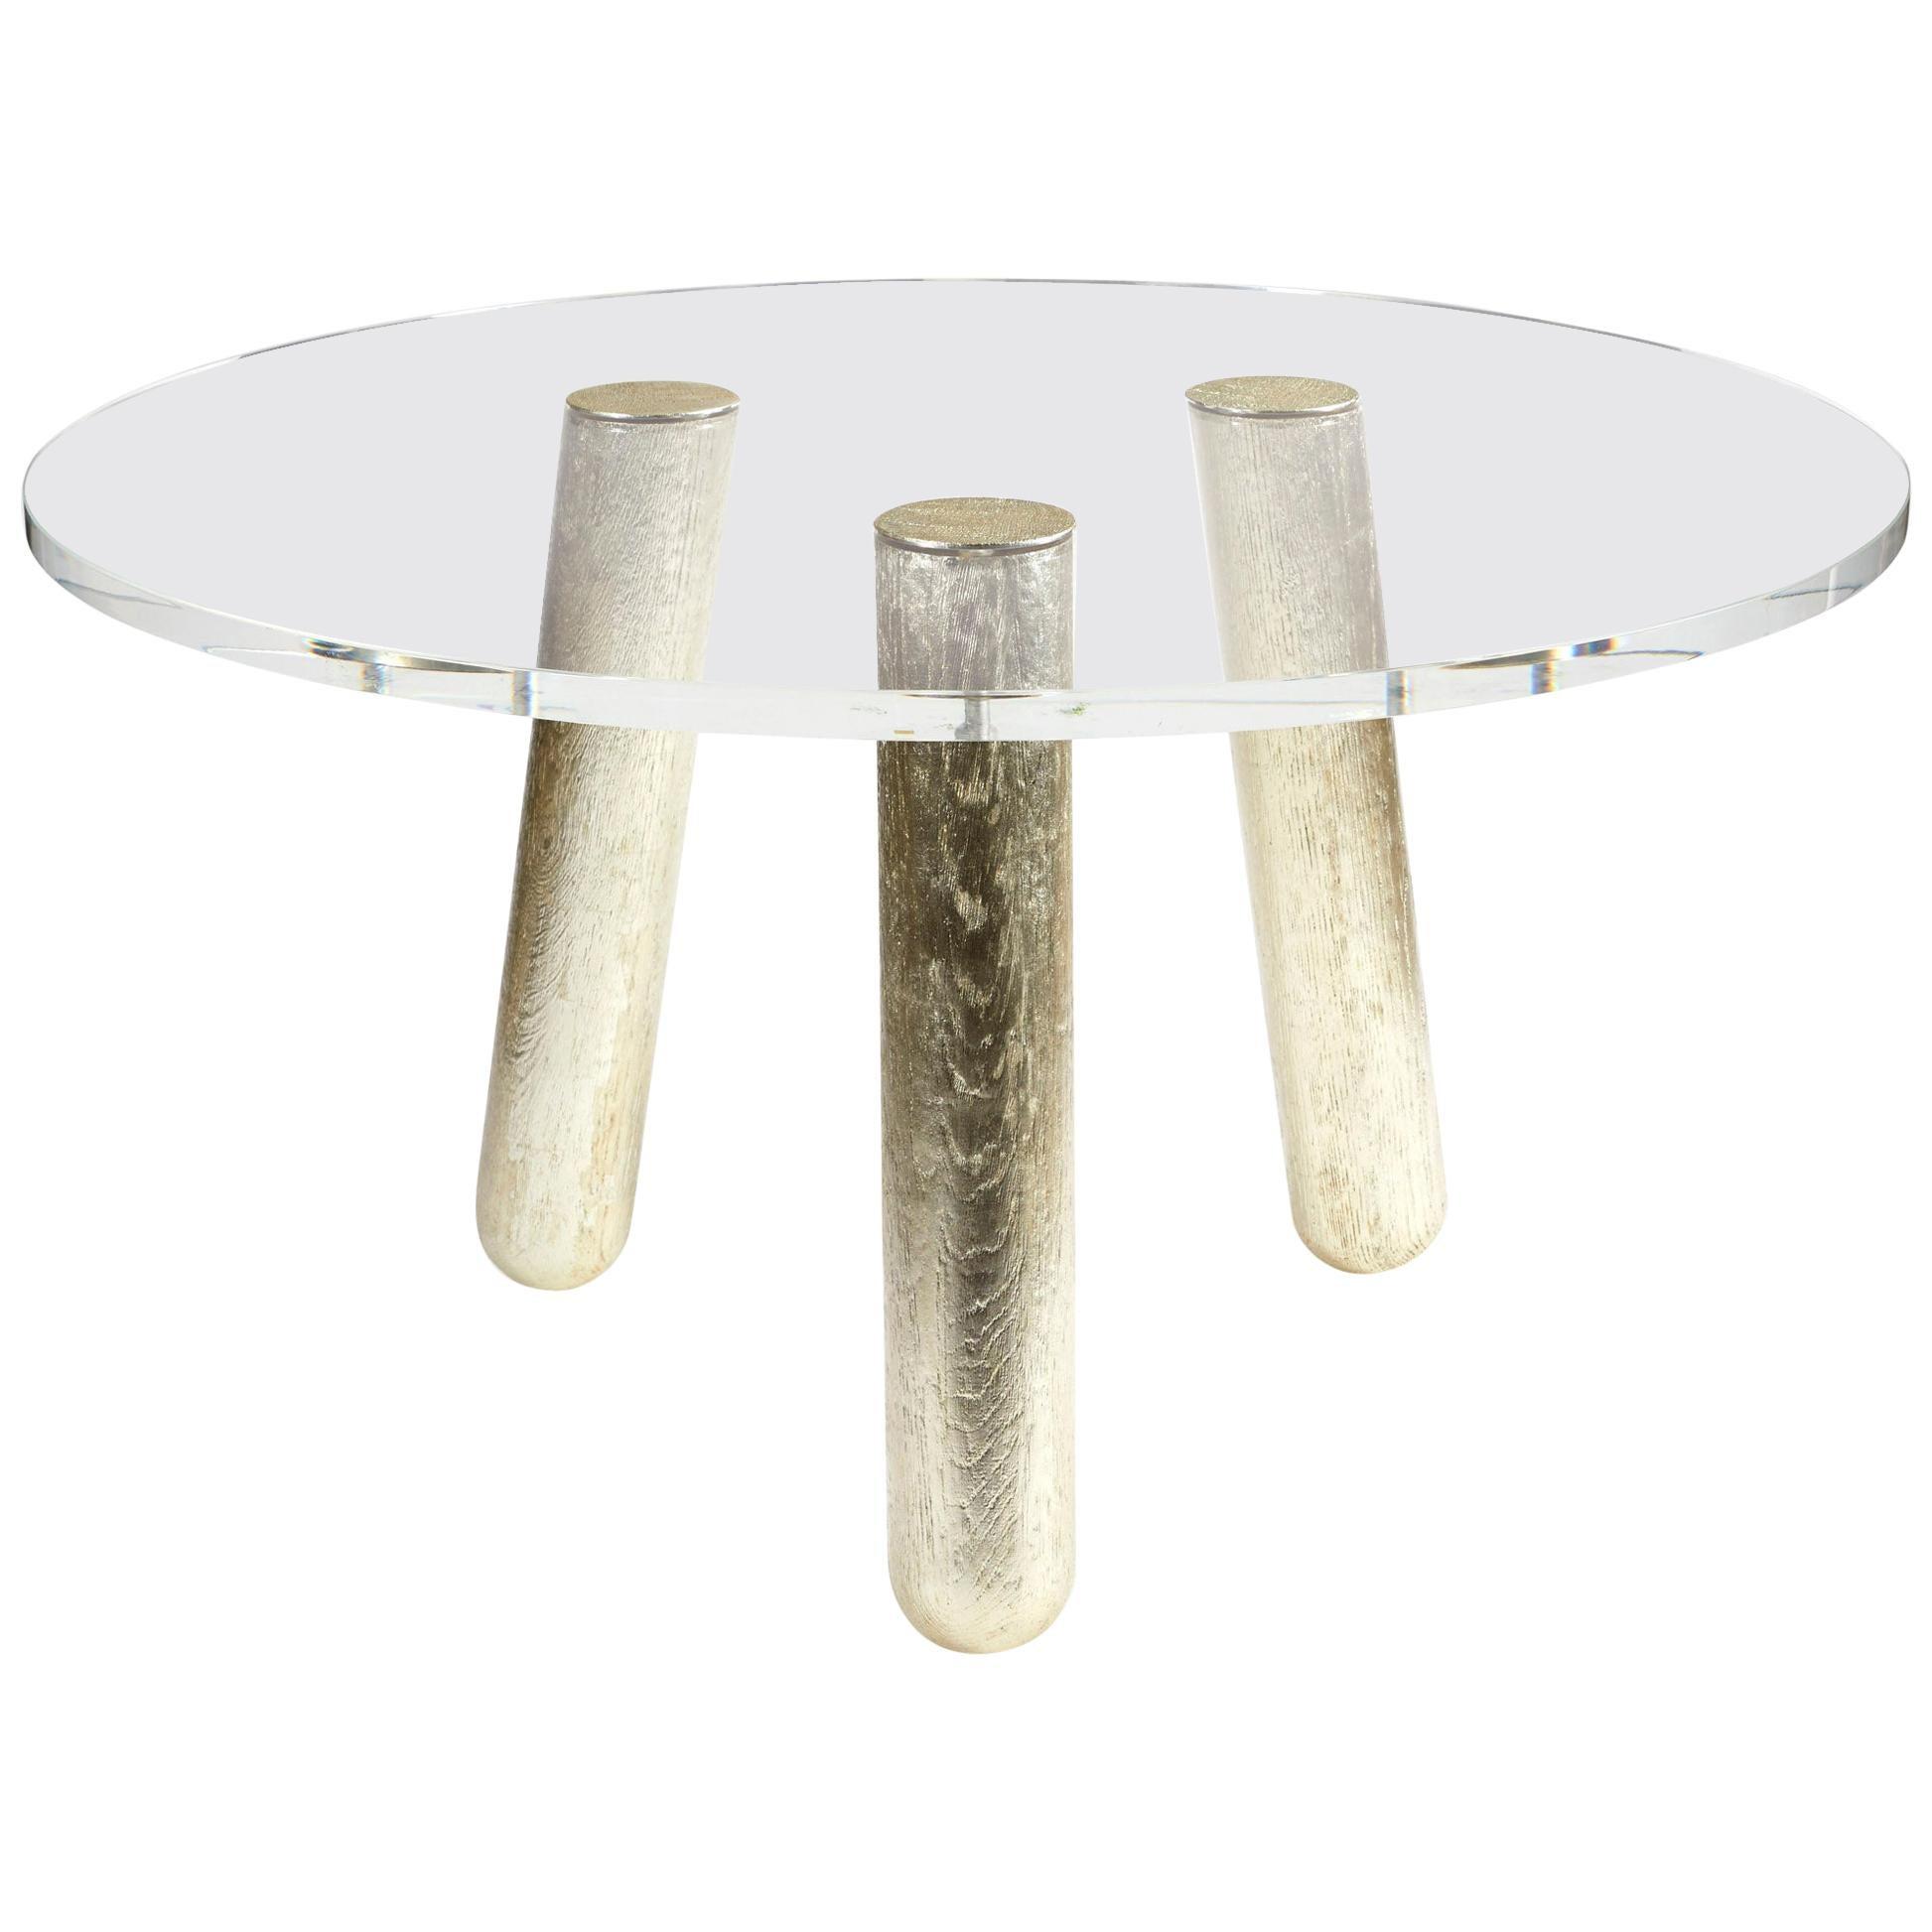 Tutto Oro Round Table by Mattia Bonetti